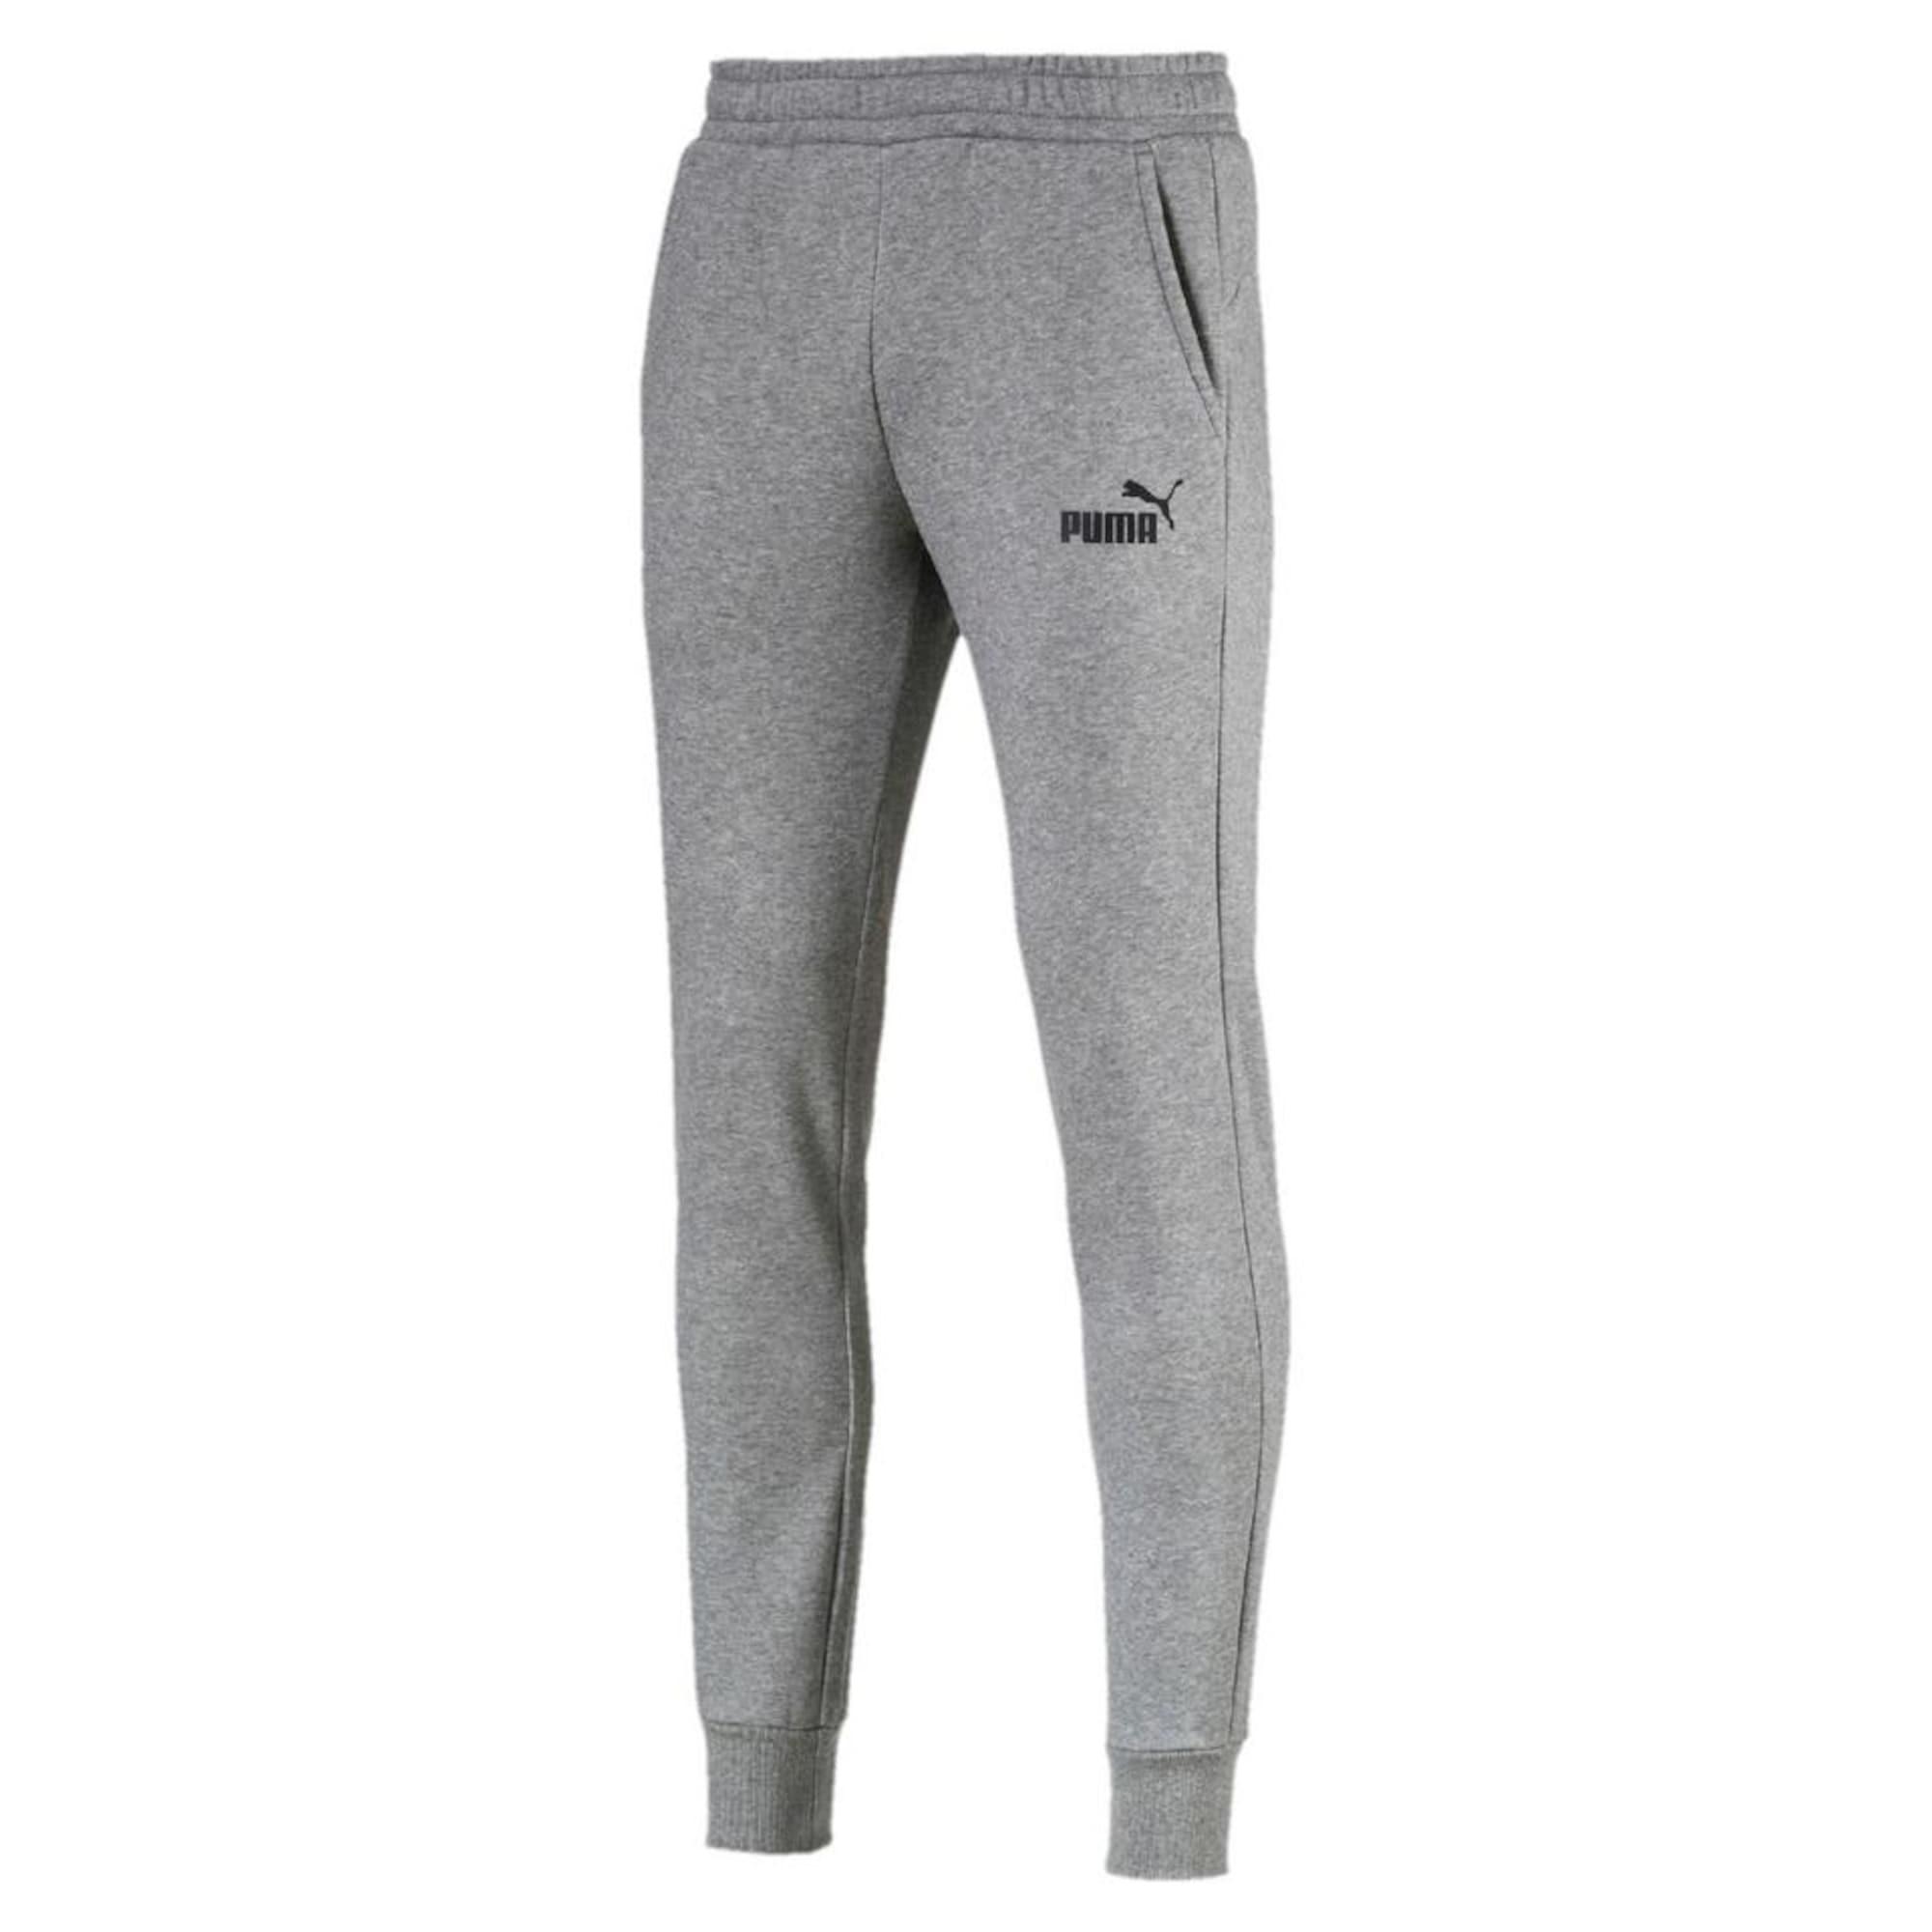 PUMA Sportinės kelnės juoda / margai pilka